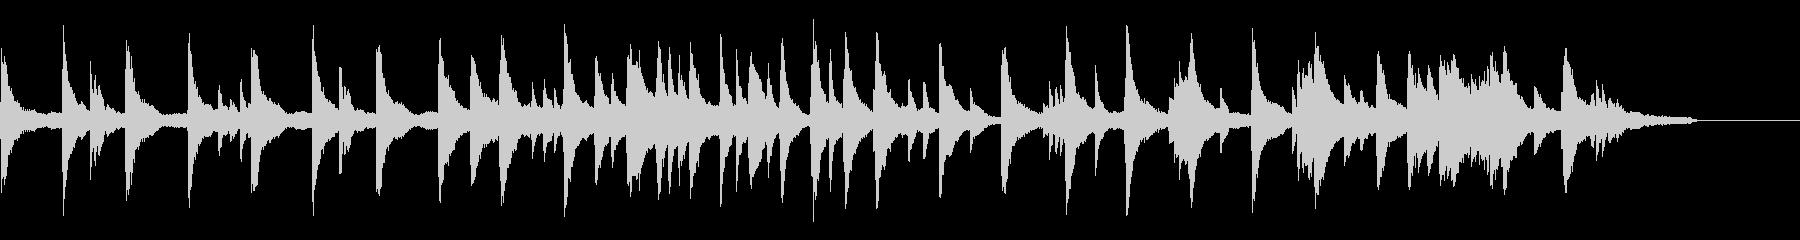 ゆったりとした映像によく合うピアノの未再生の波形